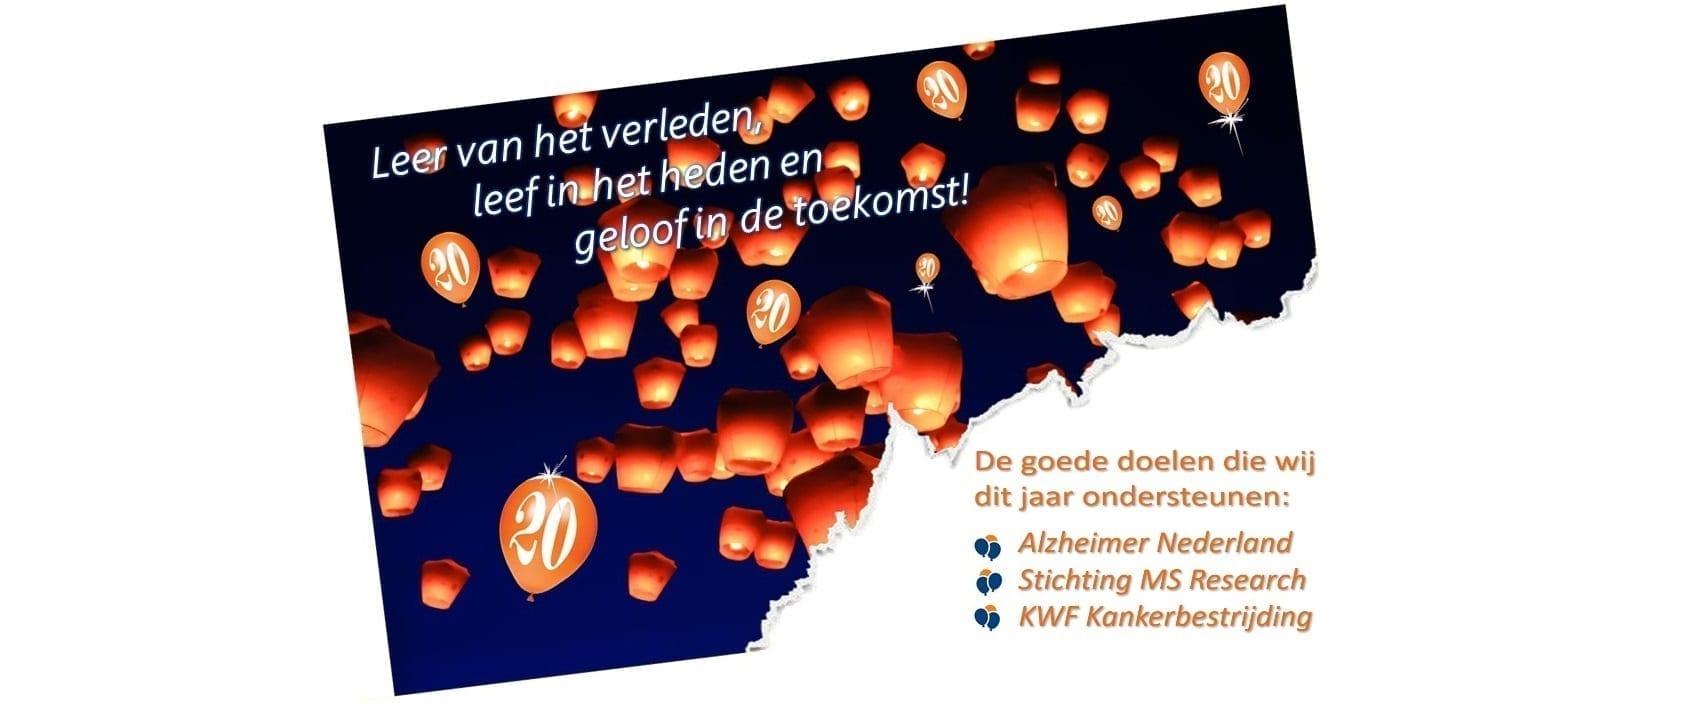 2019-KK-NL-SocMed-lang-1